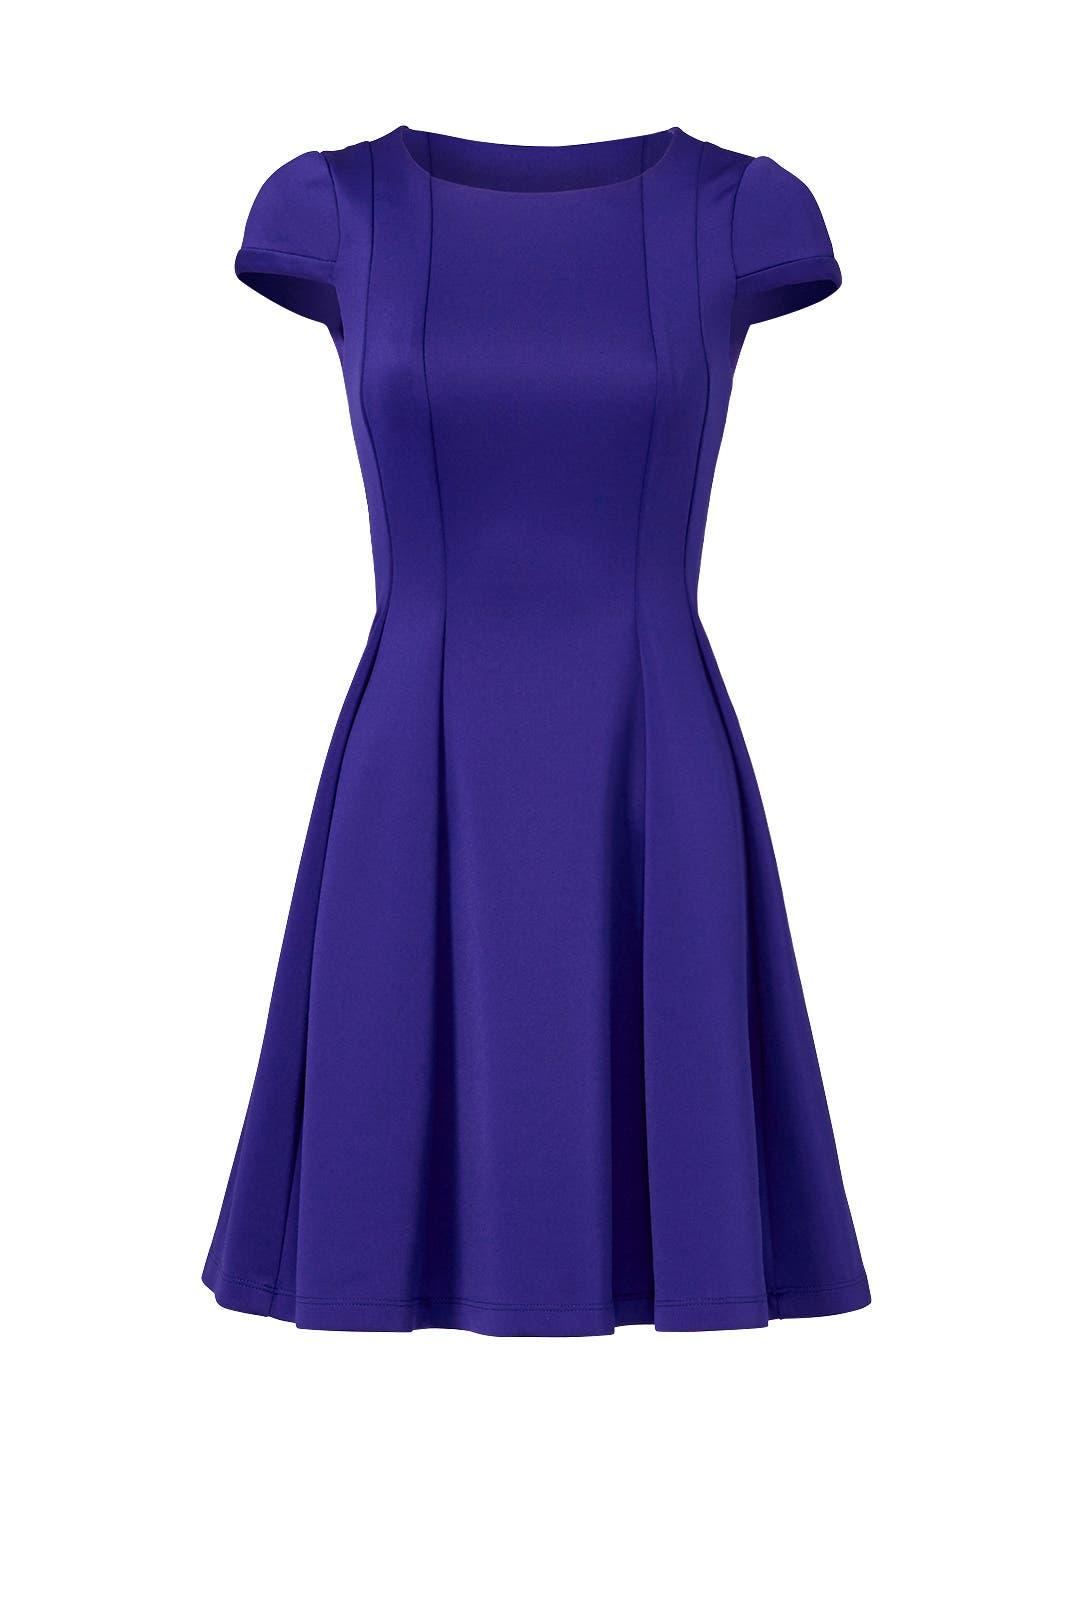 Capped in Purple Dress by Yoana Baraschi